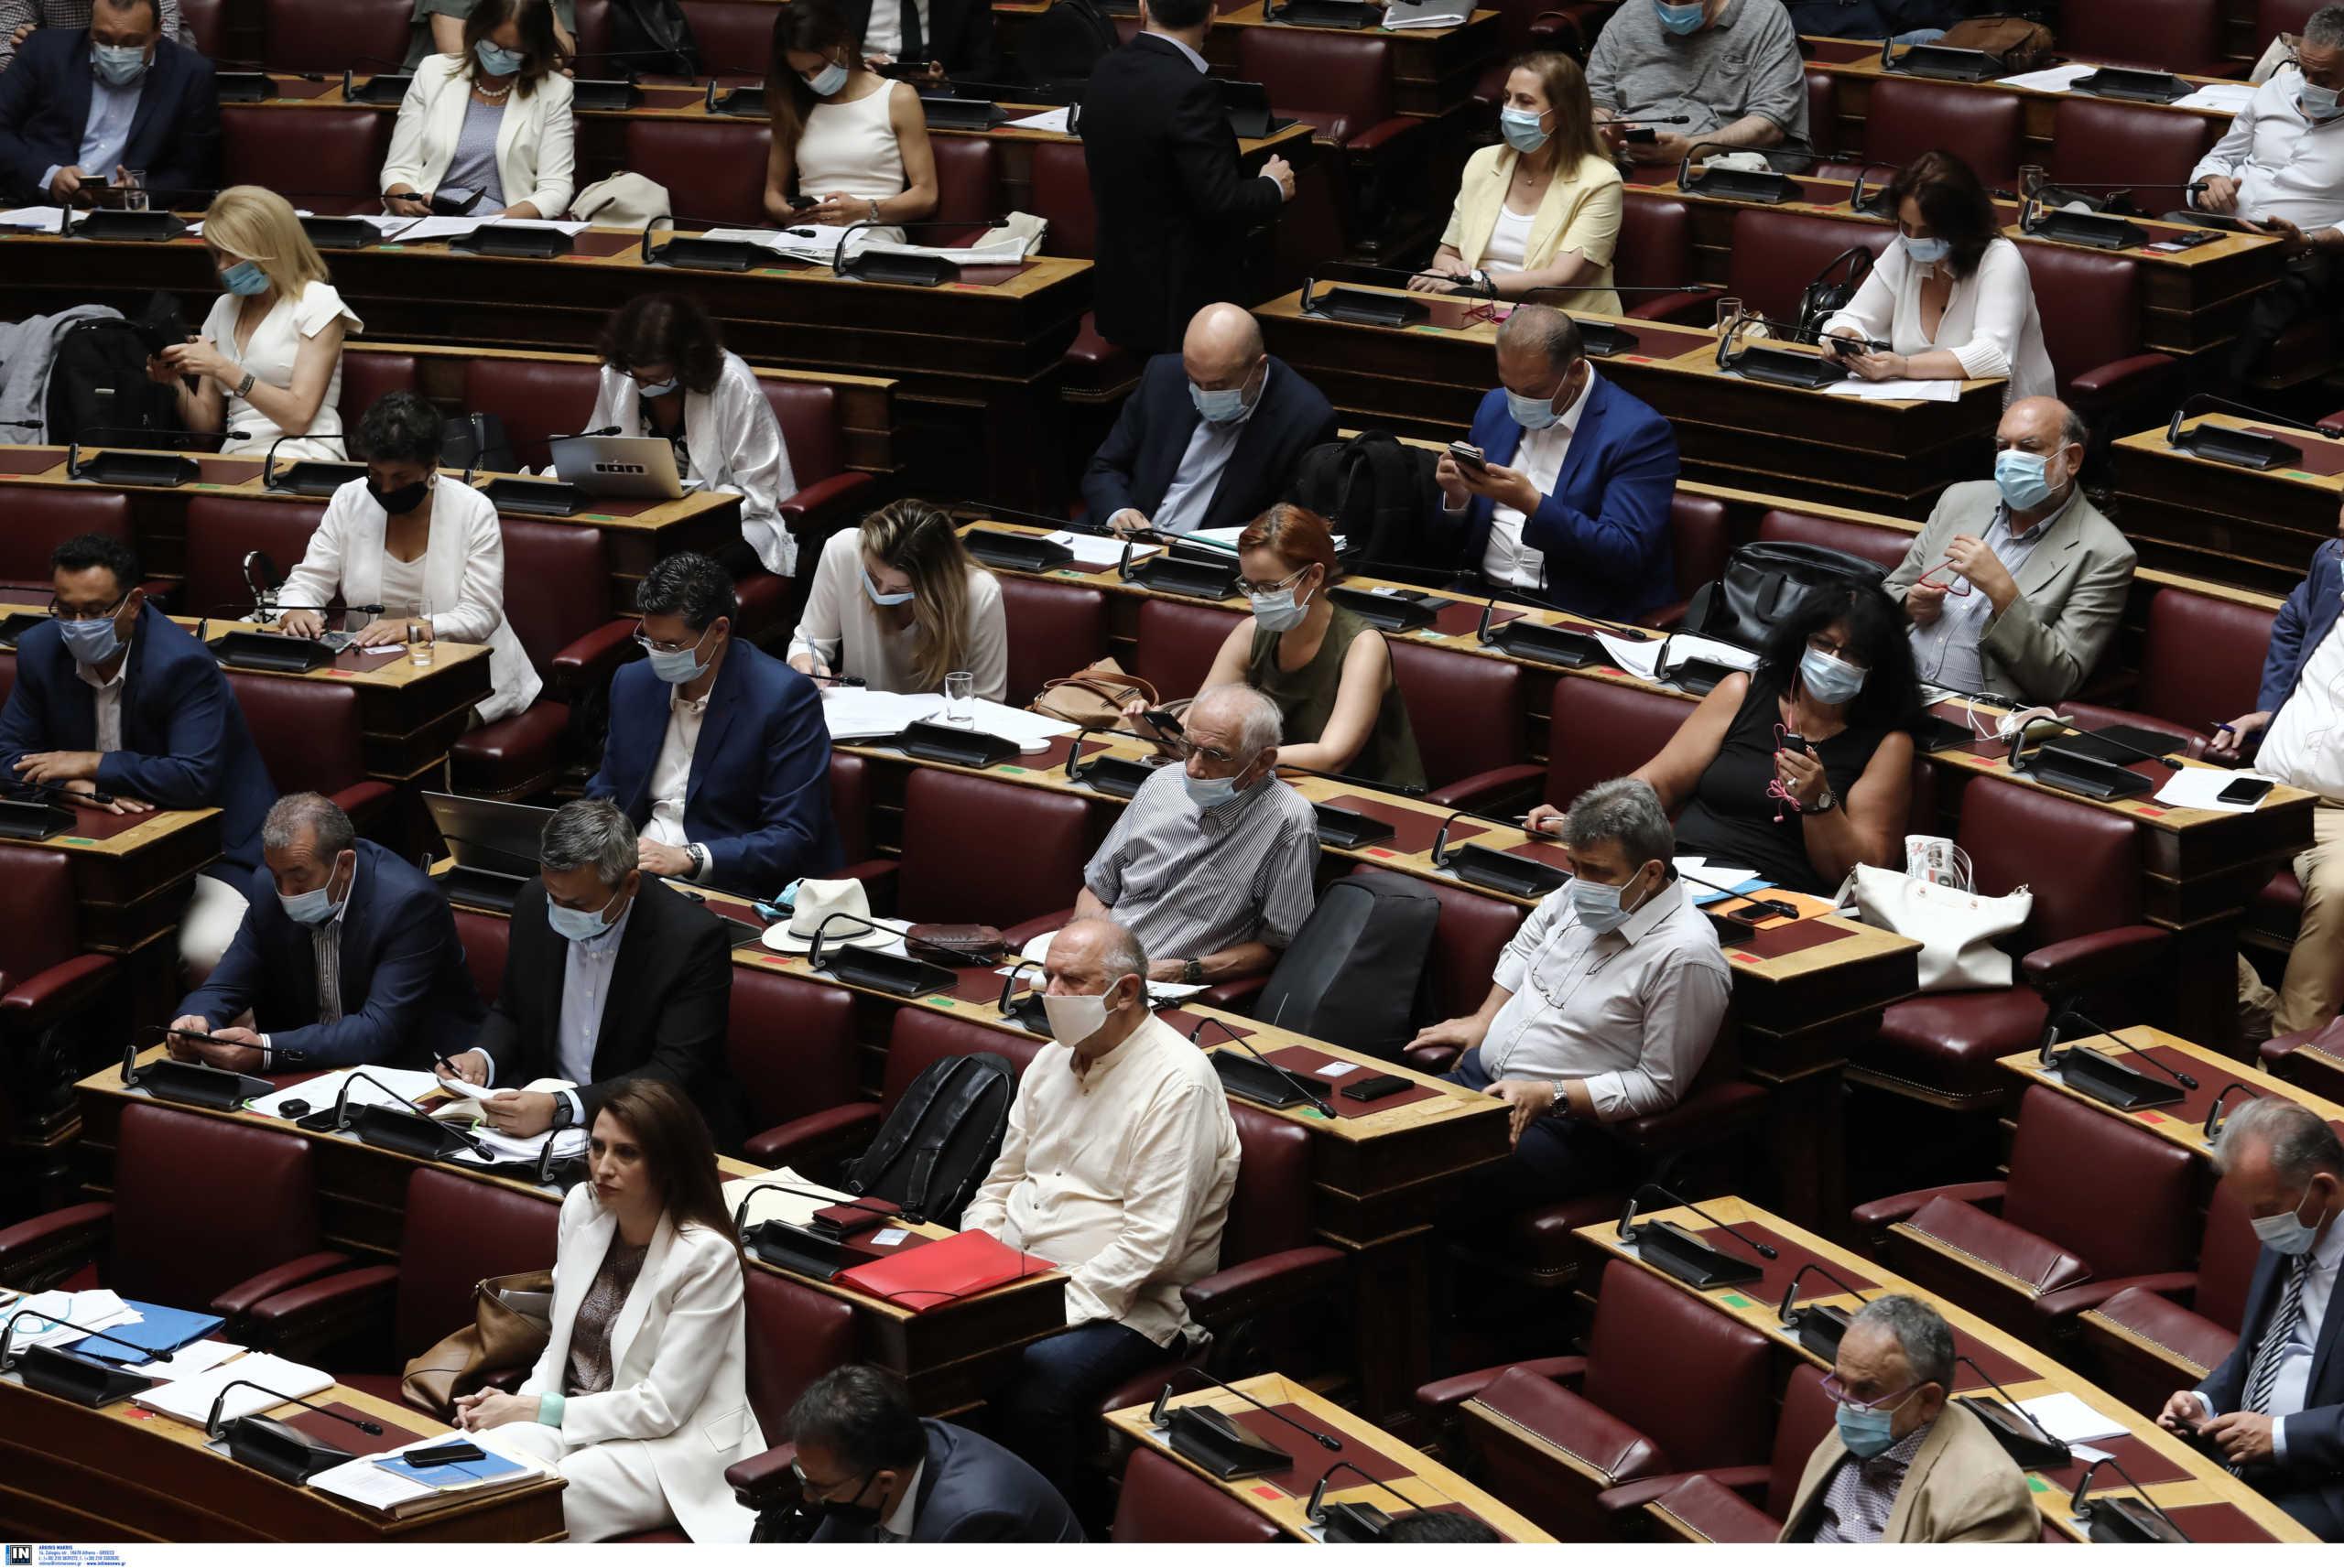 Βουλή: Ψηφίστηκε το αθλητικό νομοσχέδιο – Απαλλαγές ΕΝΦΙΑ και 100.000 θέσεις εργασίας